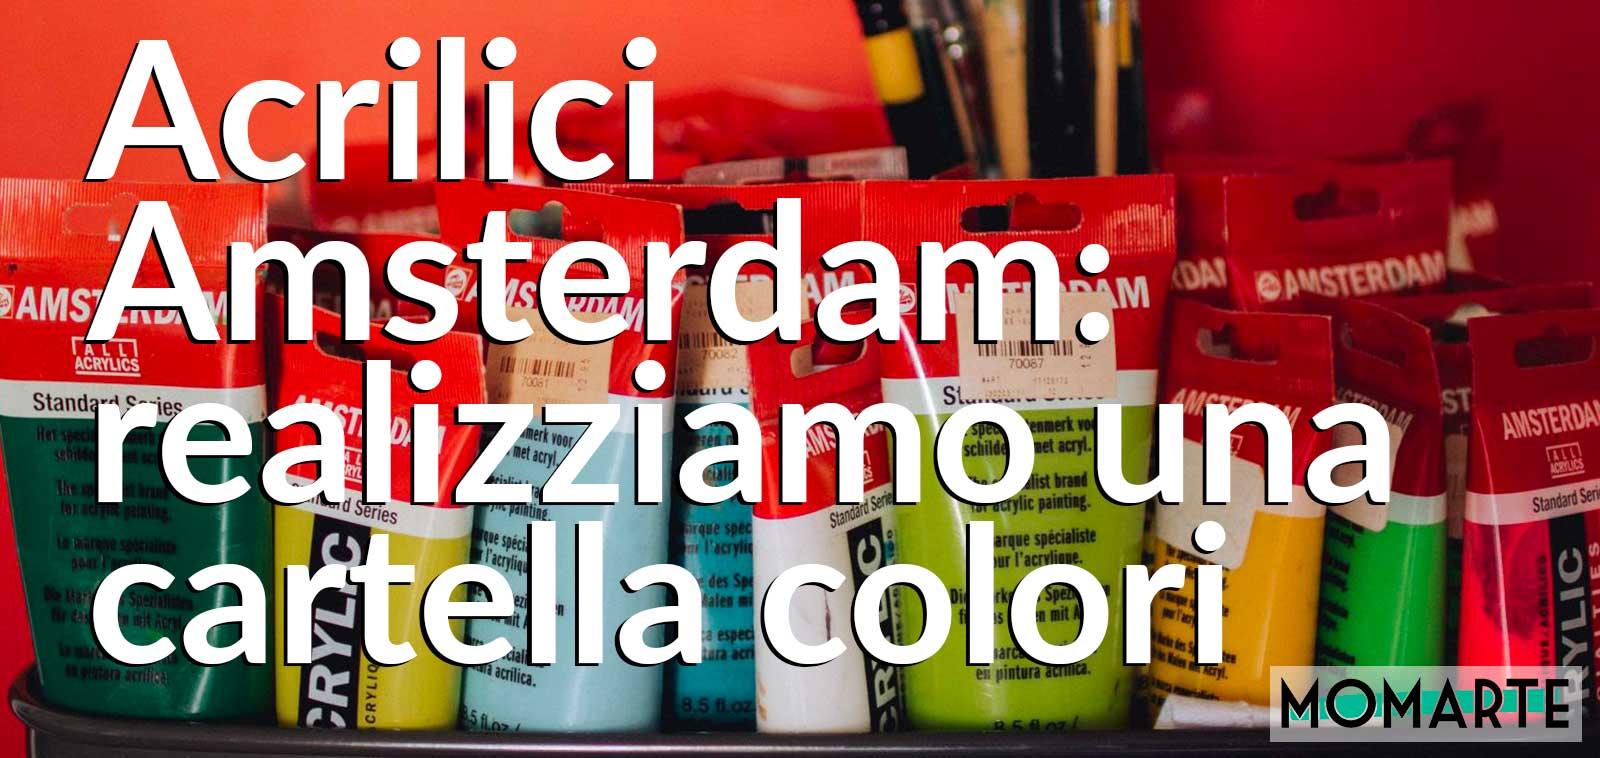 Acrilico Amsterdam, realizziamo una cartella colori